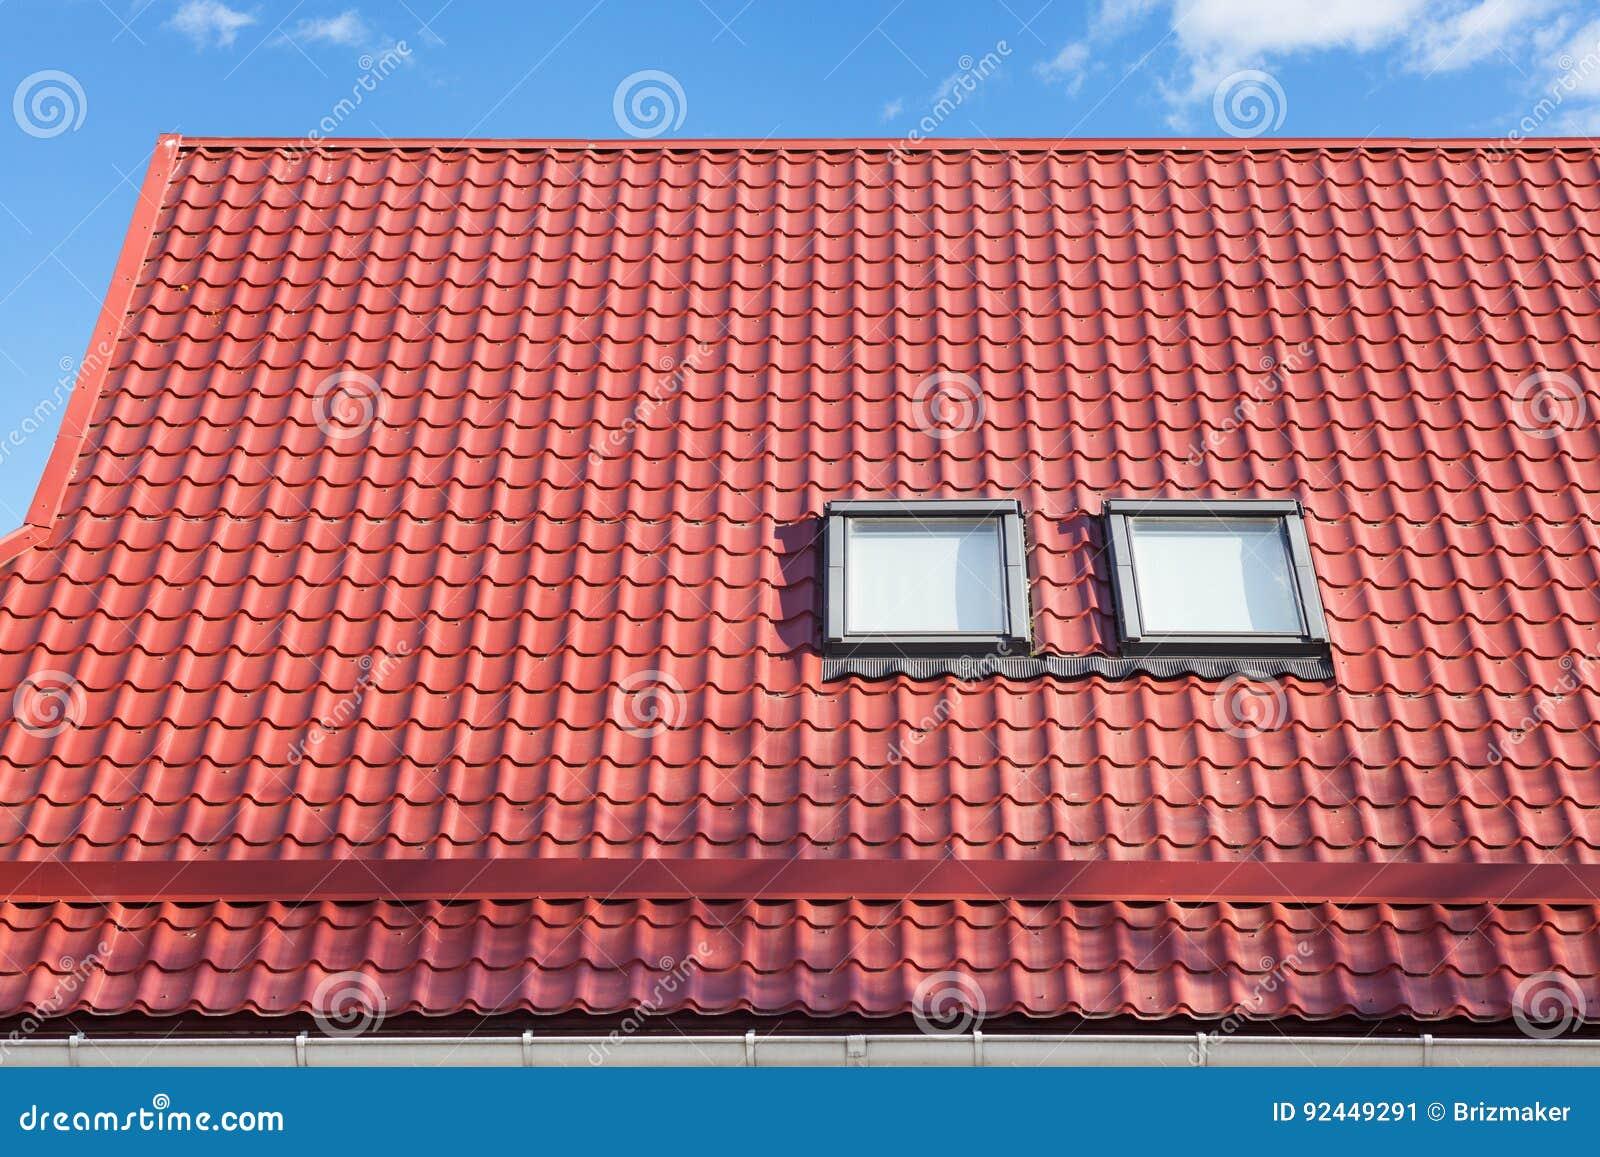 Il tetto piastrellato metallo rosso con i nuovi abbaini il tetto